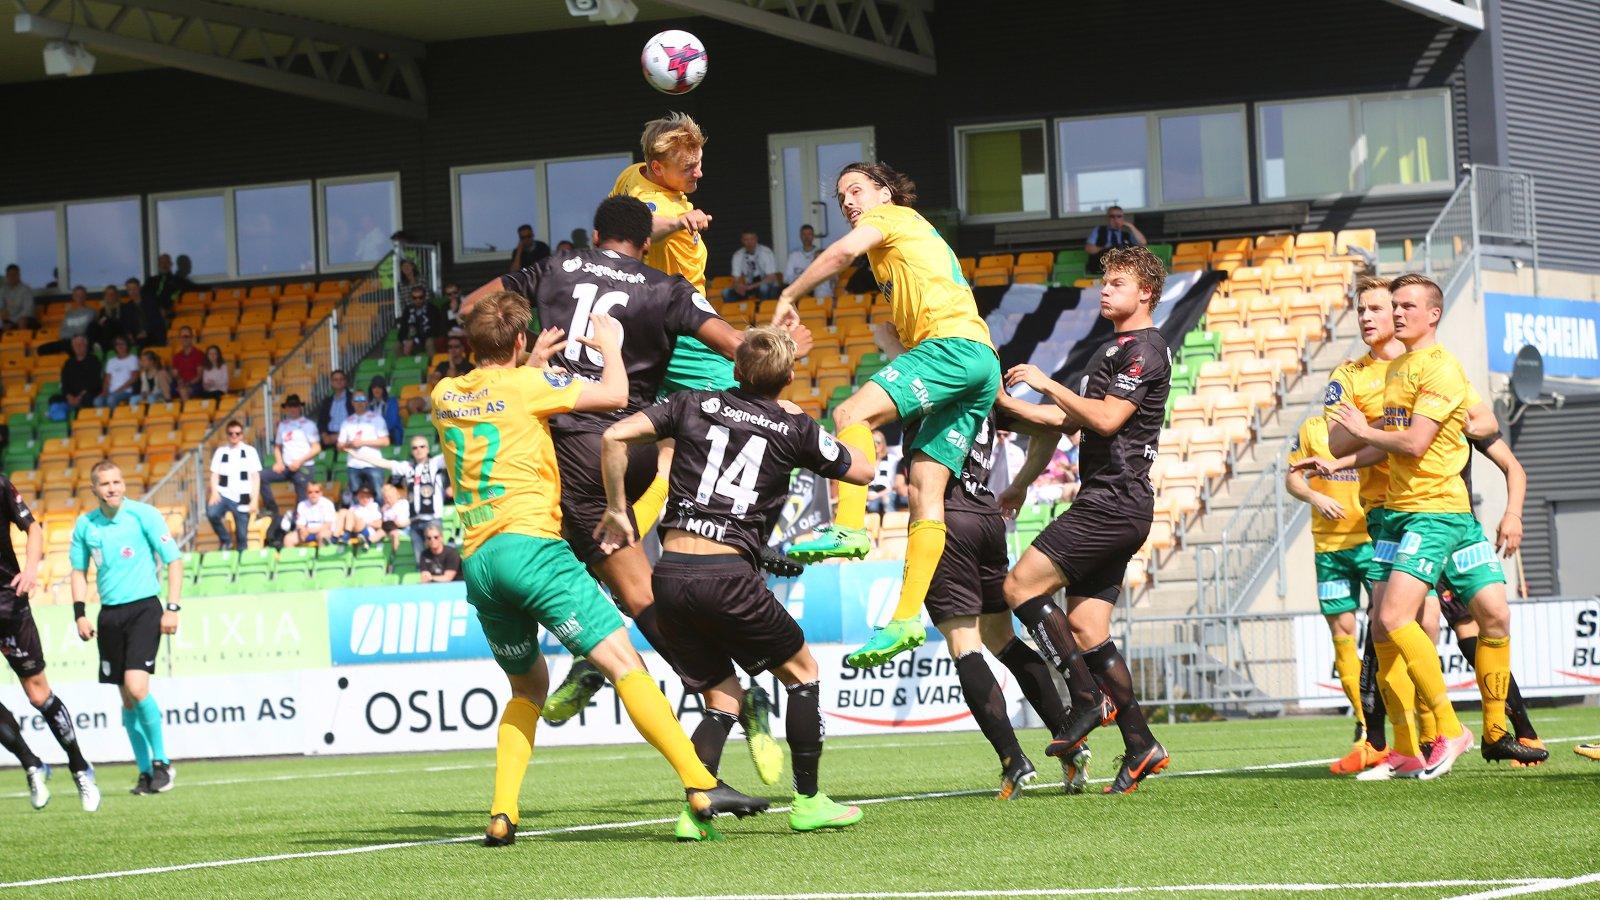 Det ble masse dueller i kampen mellom Ull/Kisa og Sogndal. Kampen endte til slutt med 2-0-seier til Ull/Kisa.